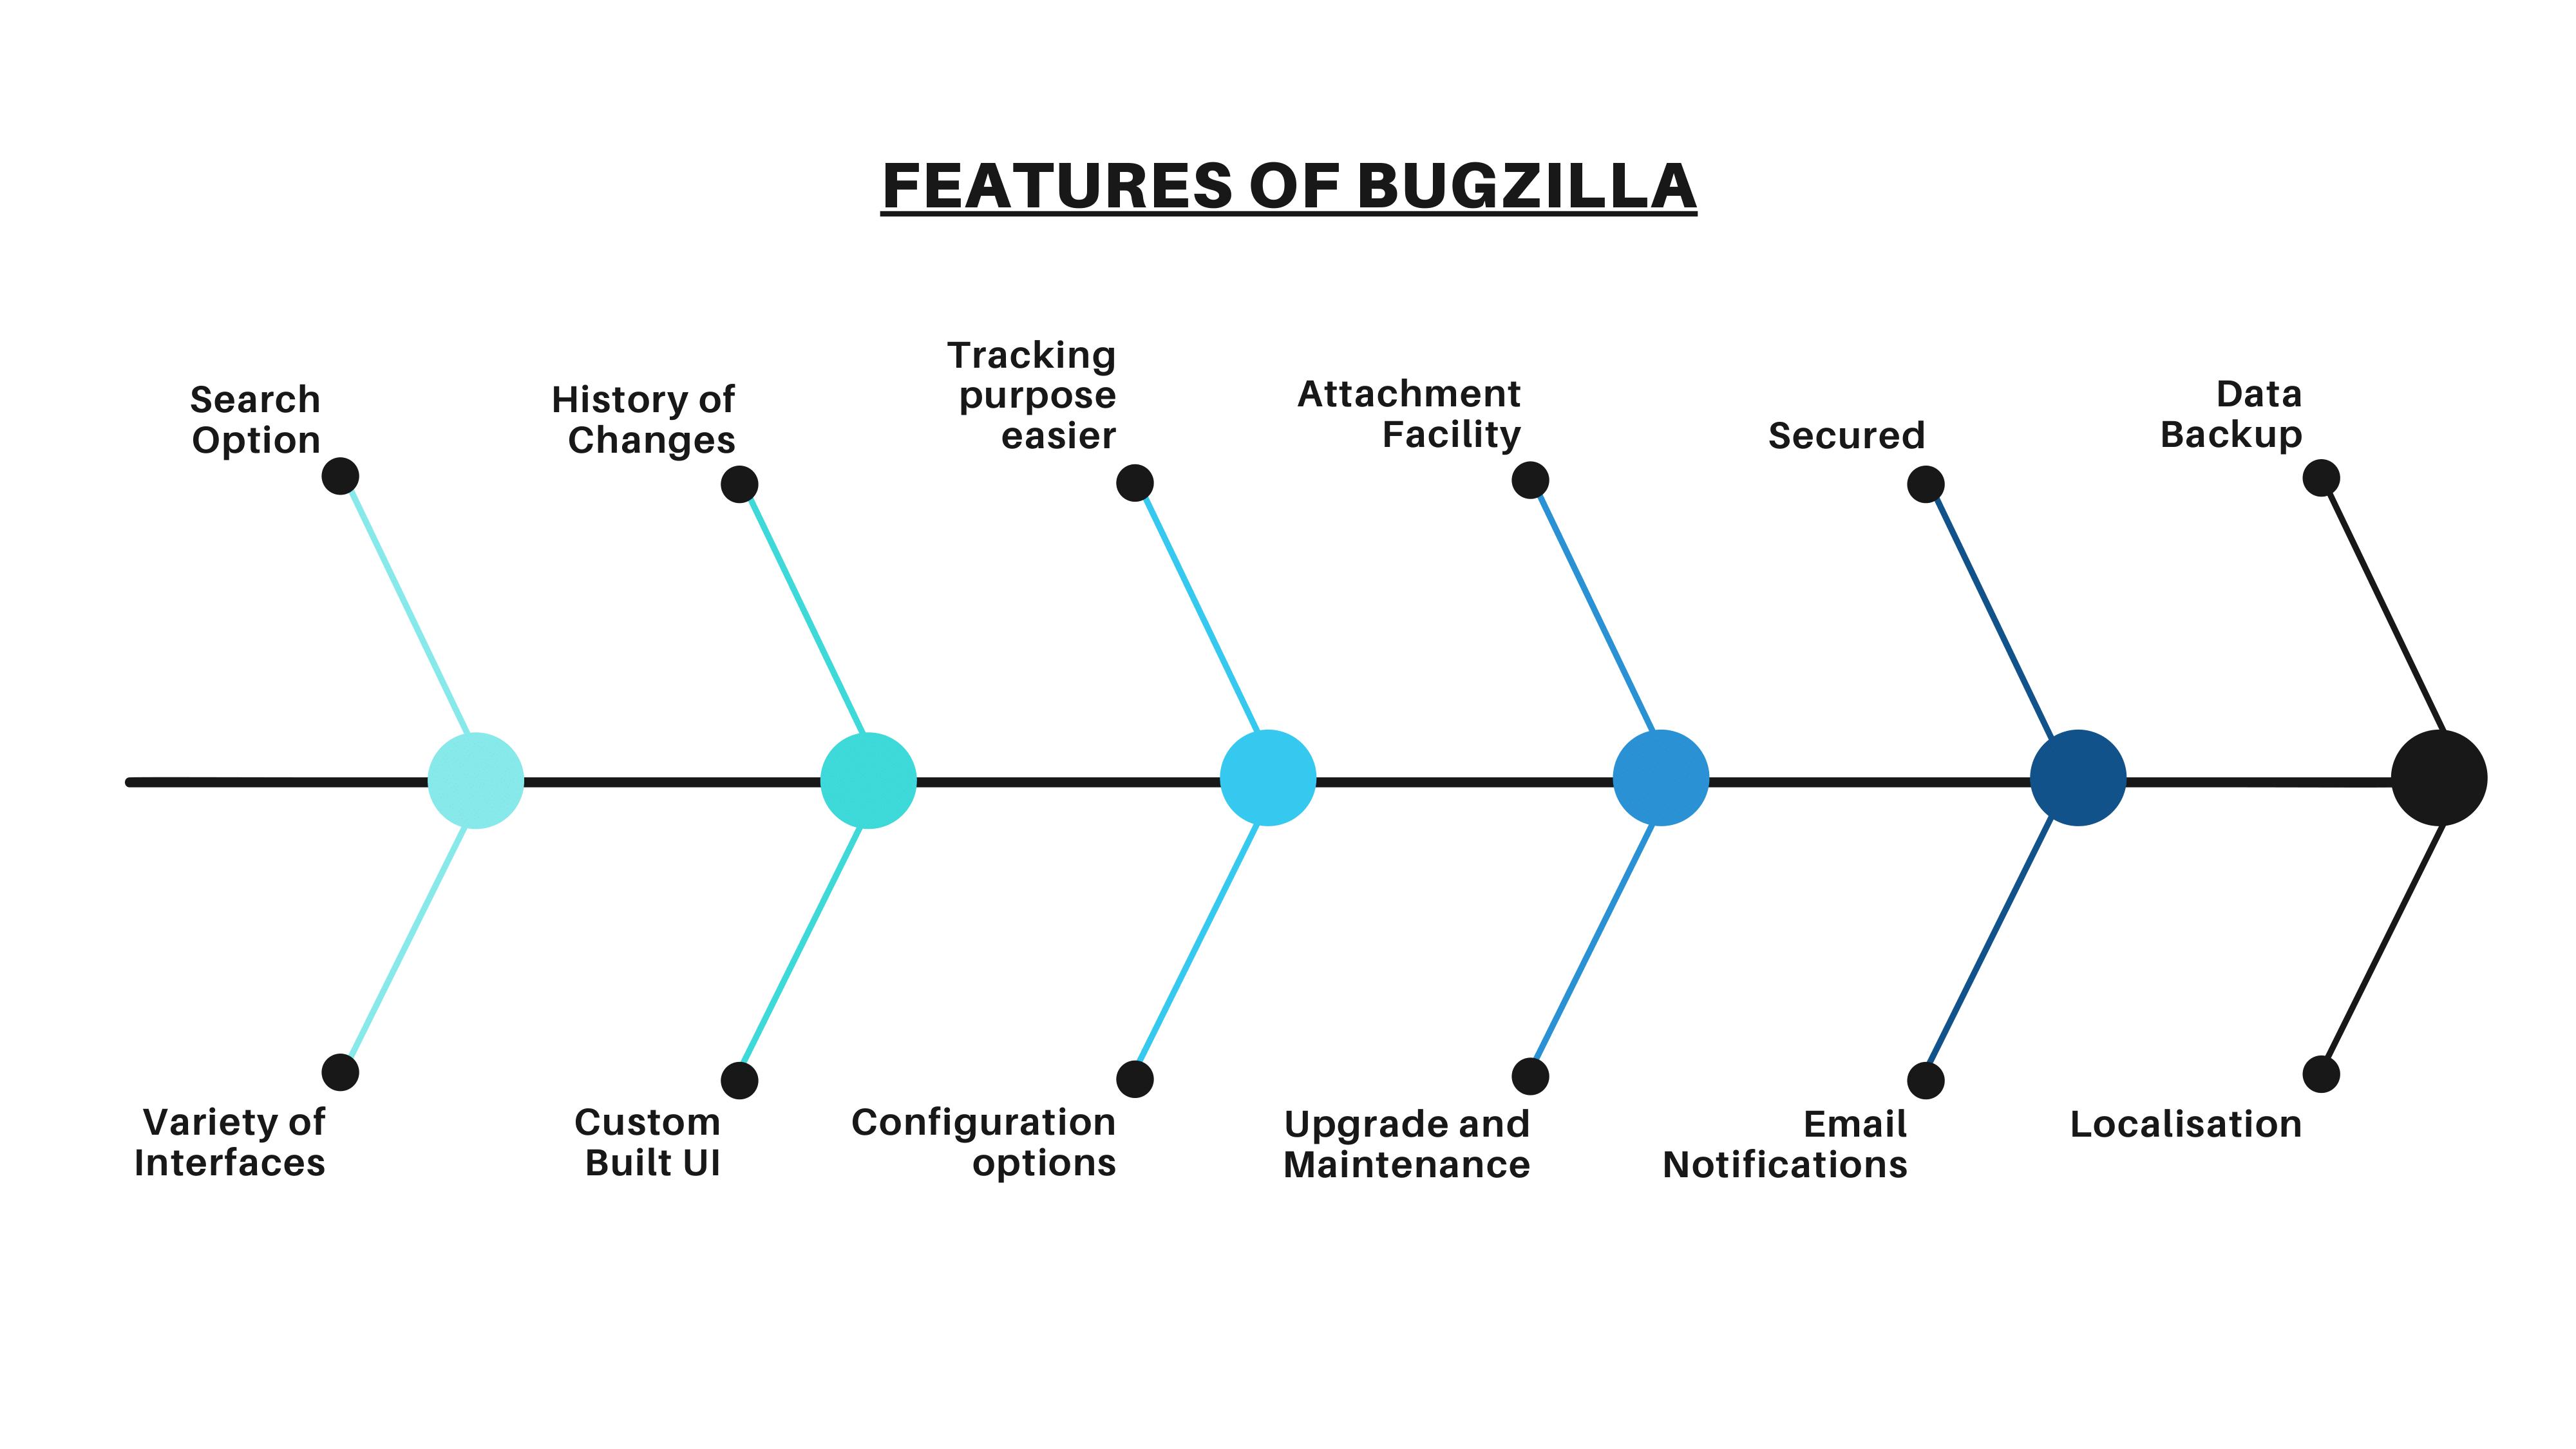 Features Bugzilla